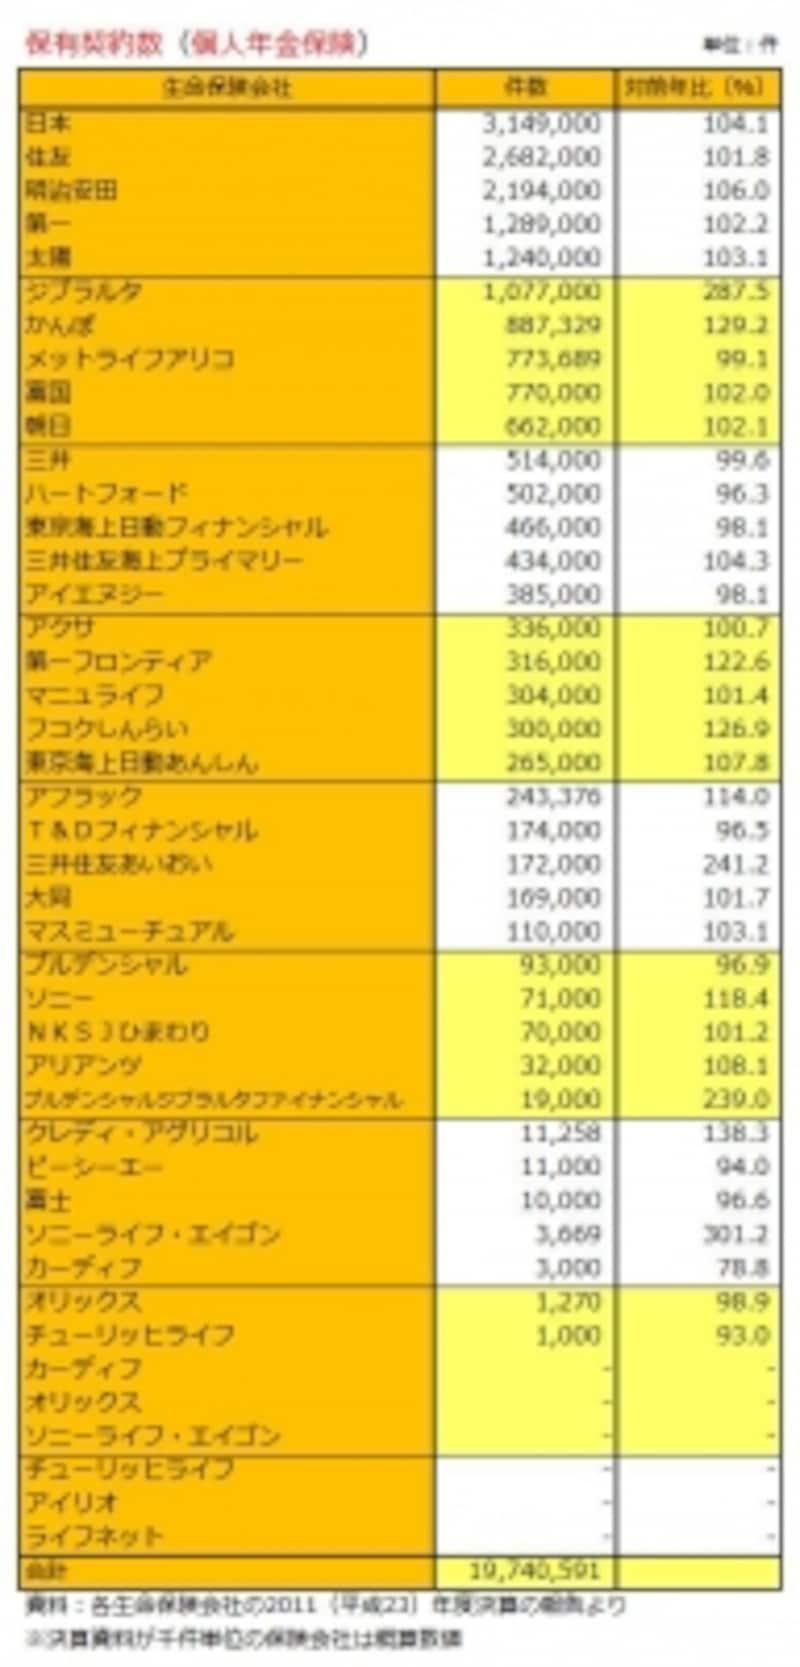 生保43社の 保有契約件数(個人年金保険)